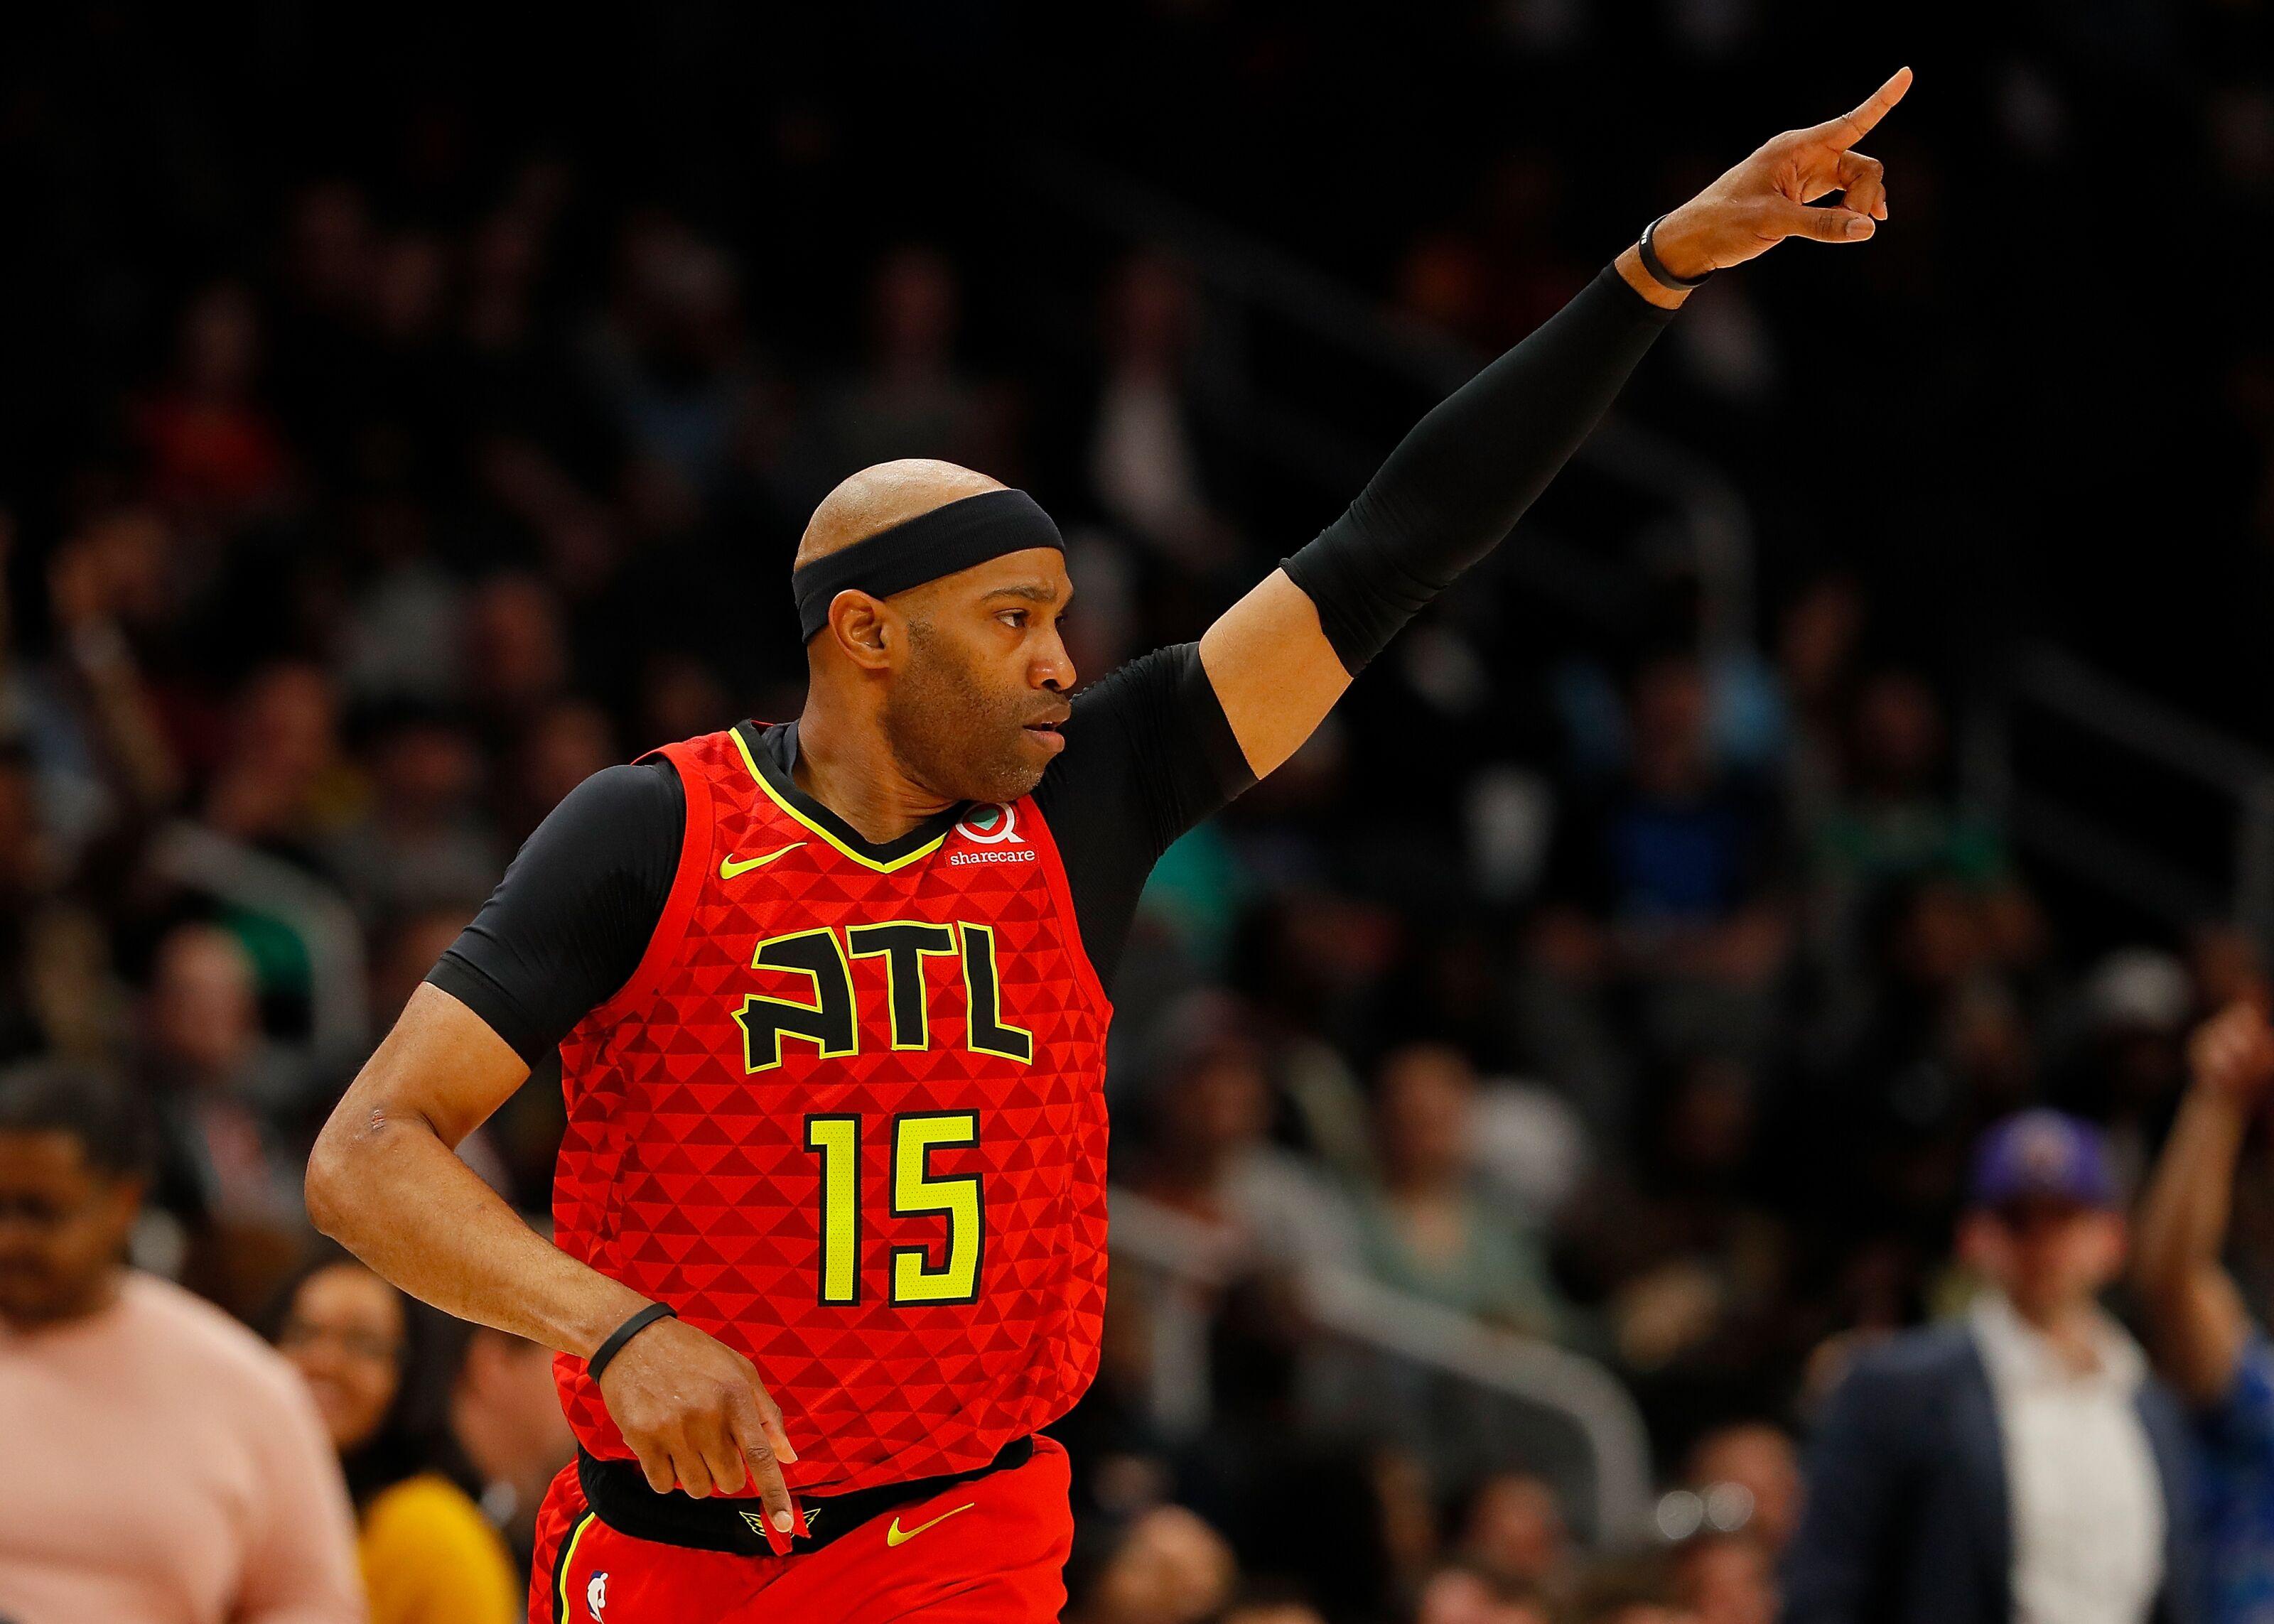 UNC Basketball: Vince Carter climbs all-time scoring list